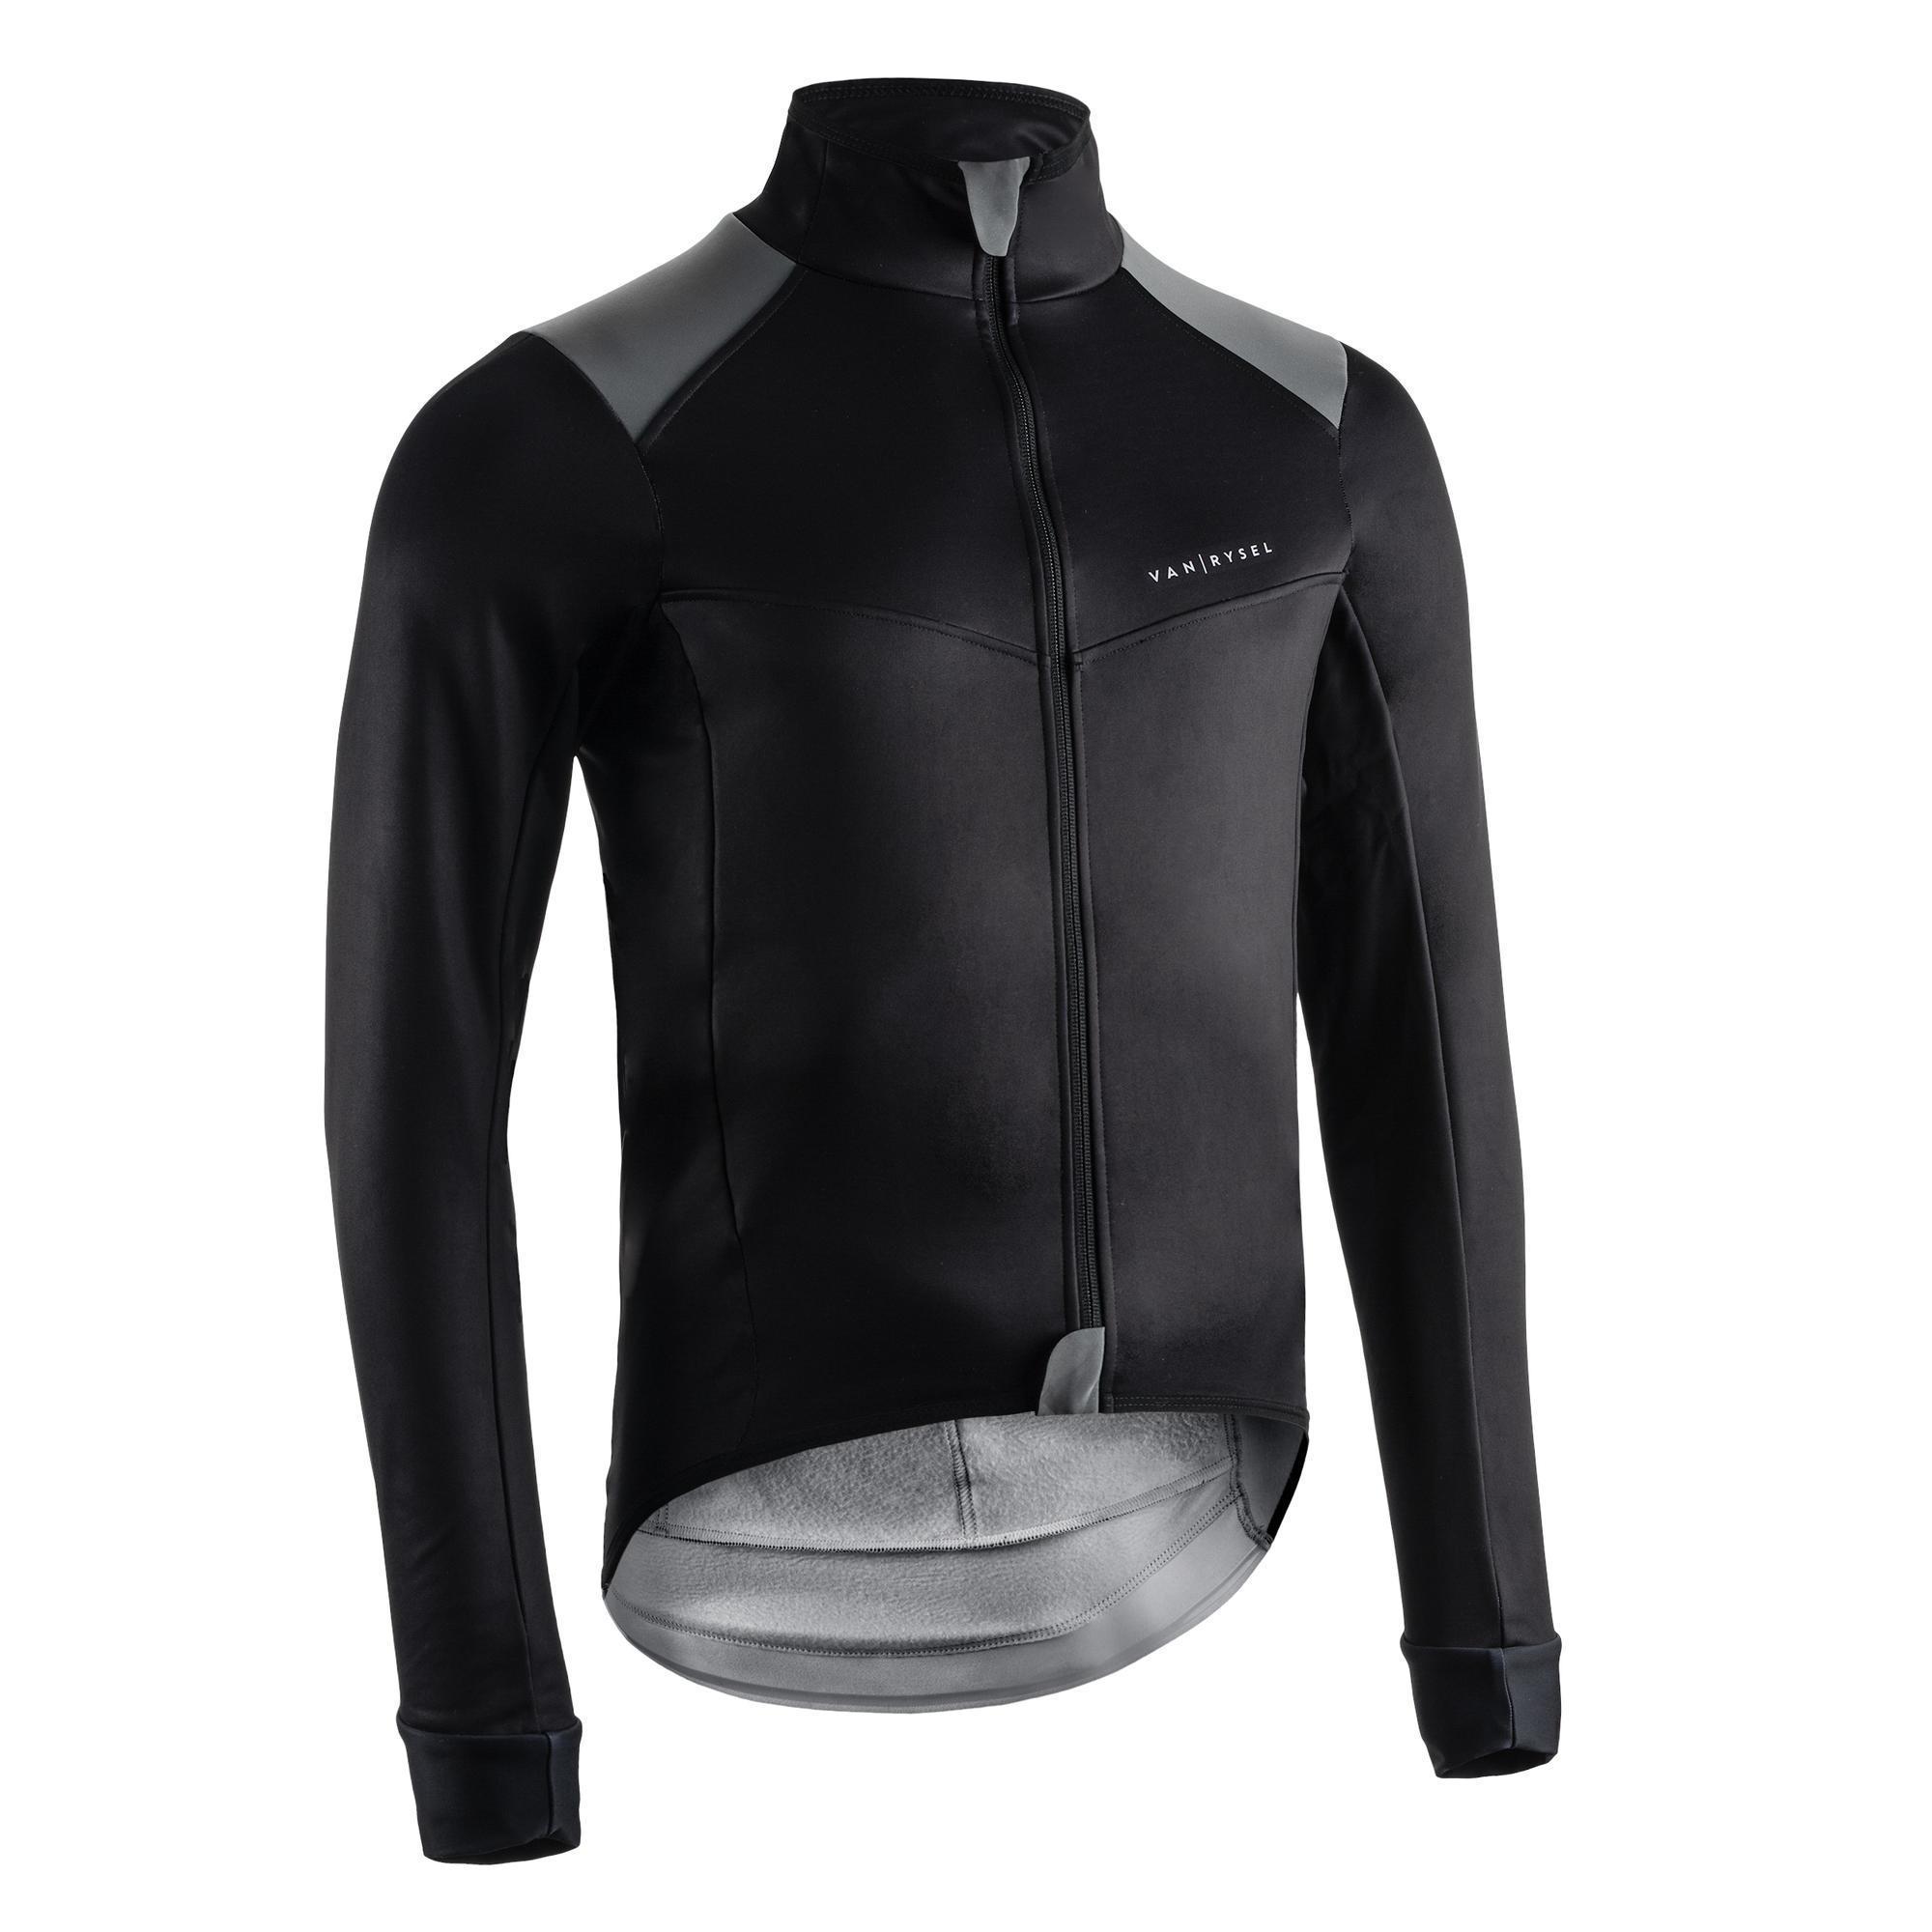 Veste homme Racer Extreme temps froids - Noir